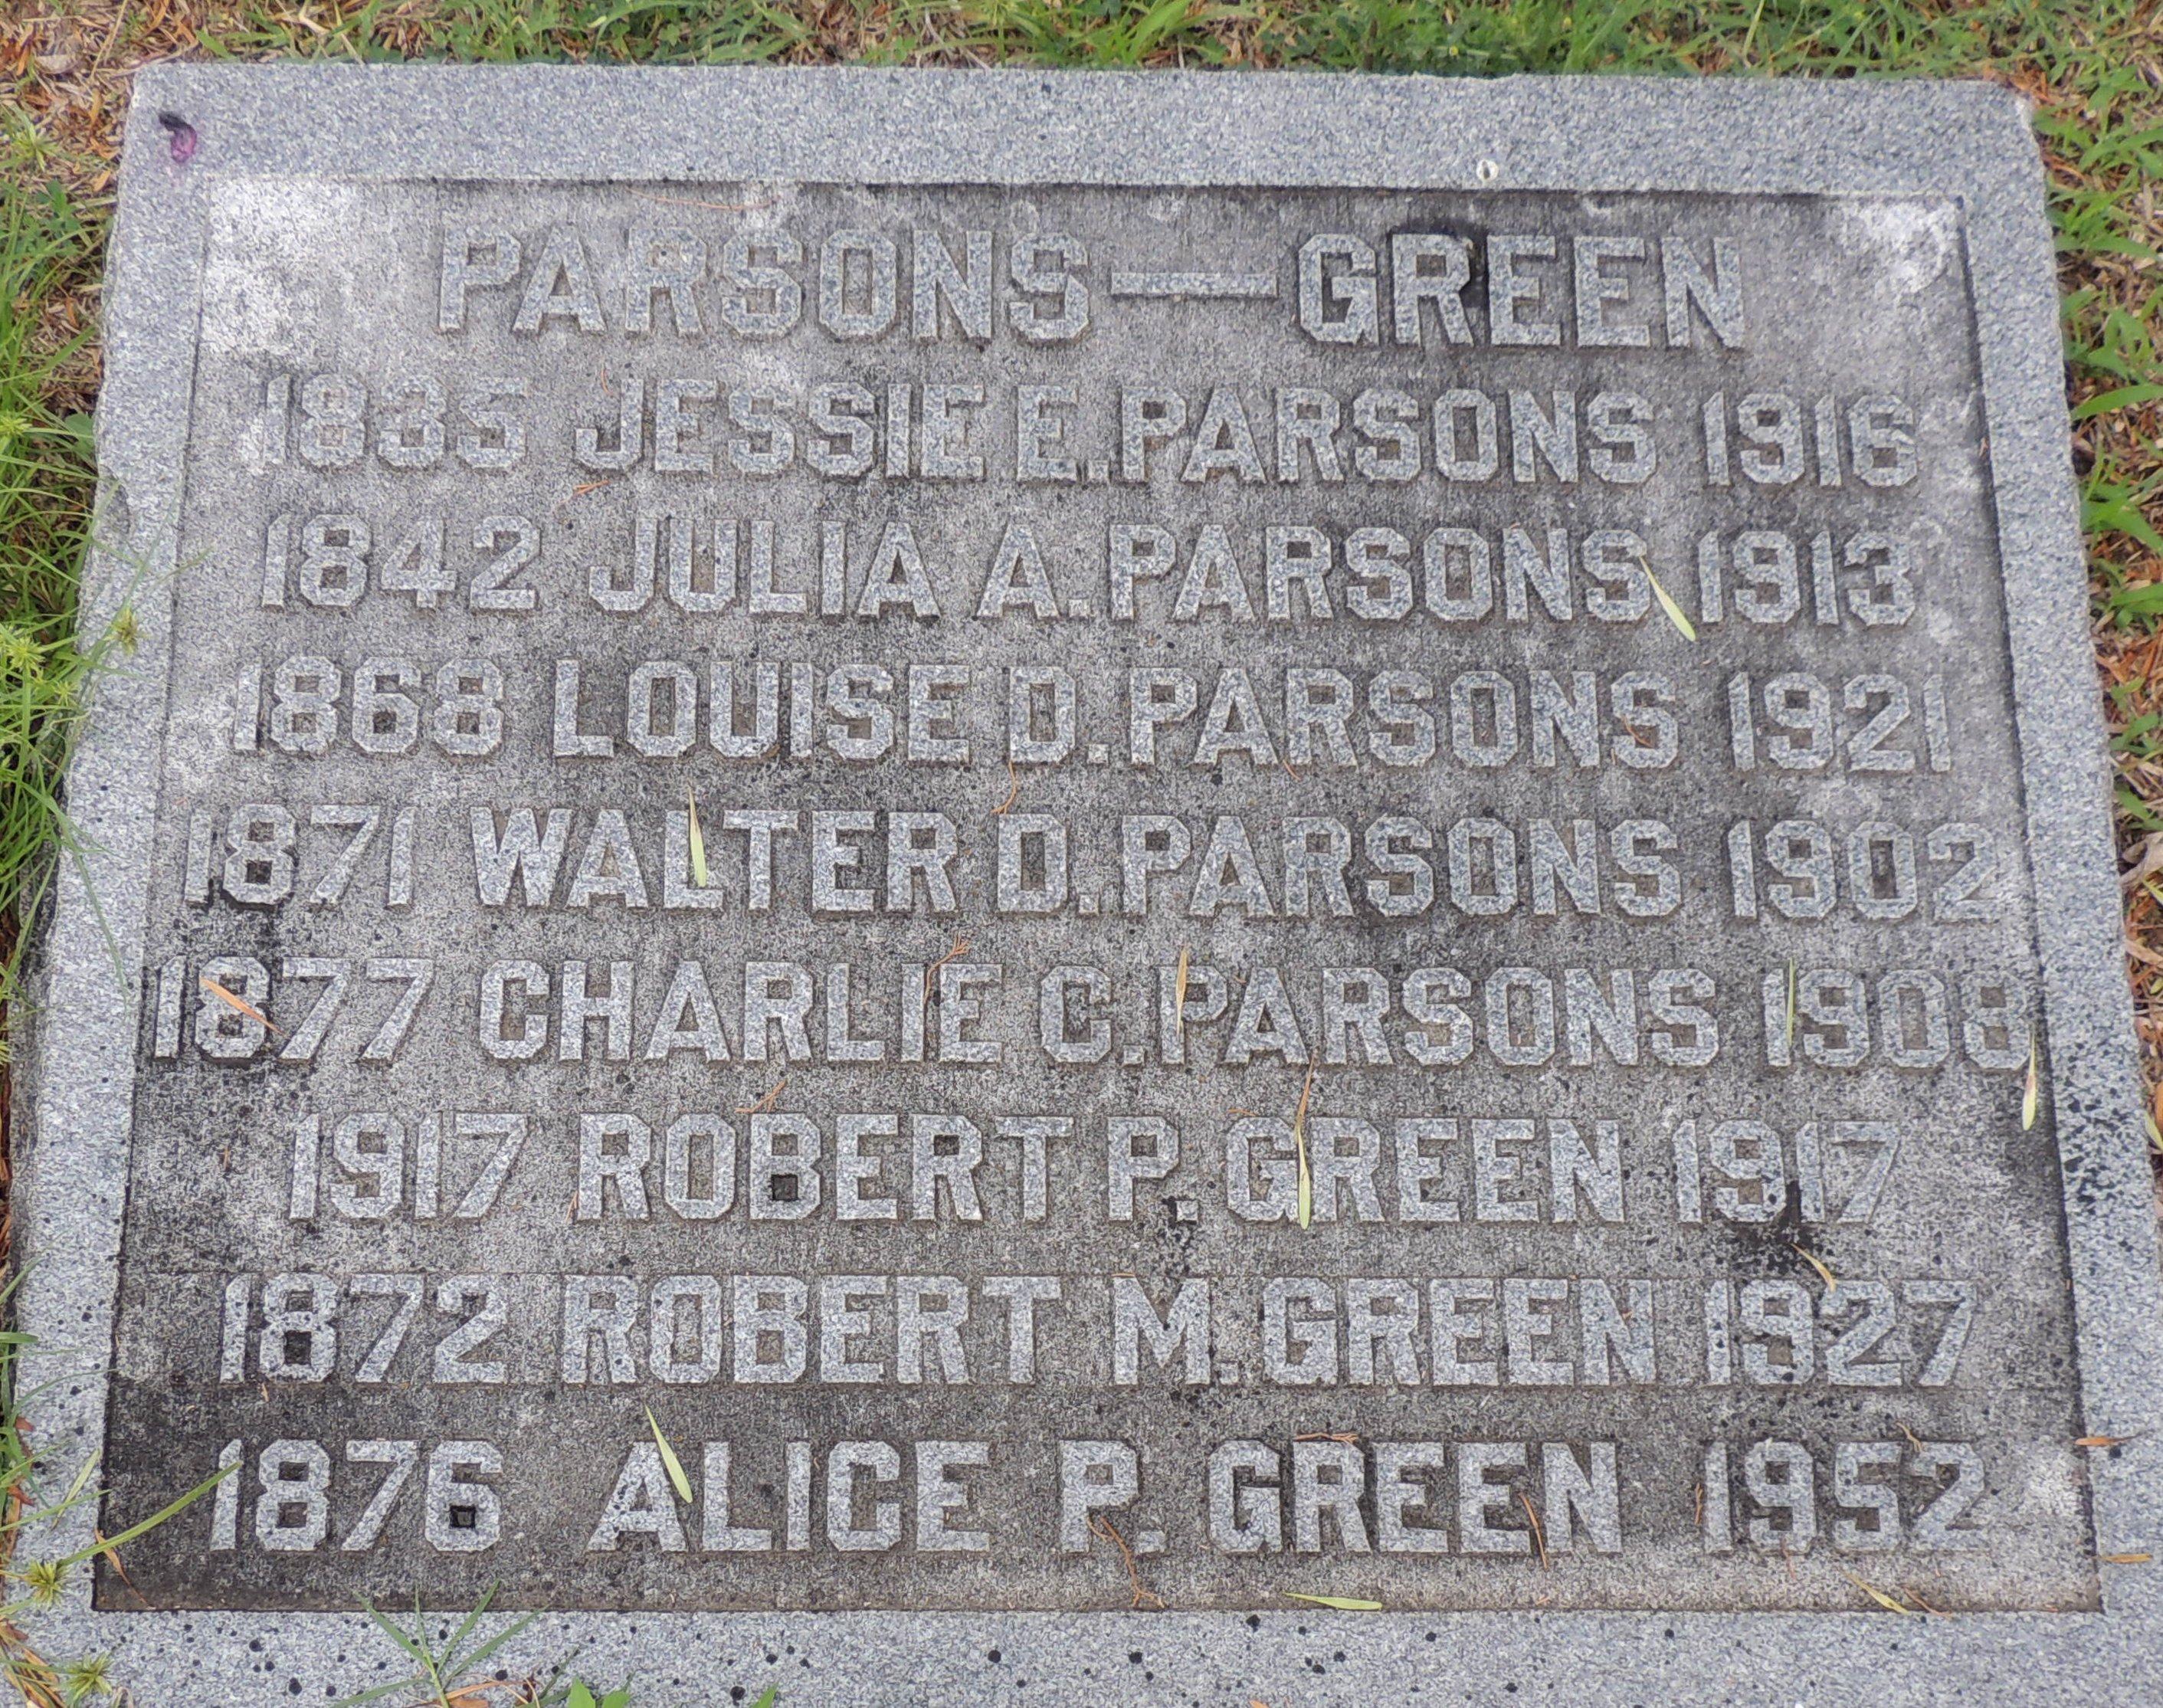 Robert Mortimore Green